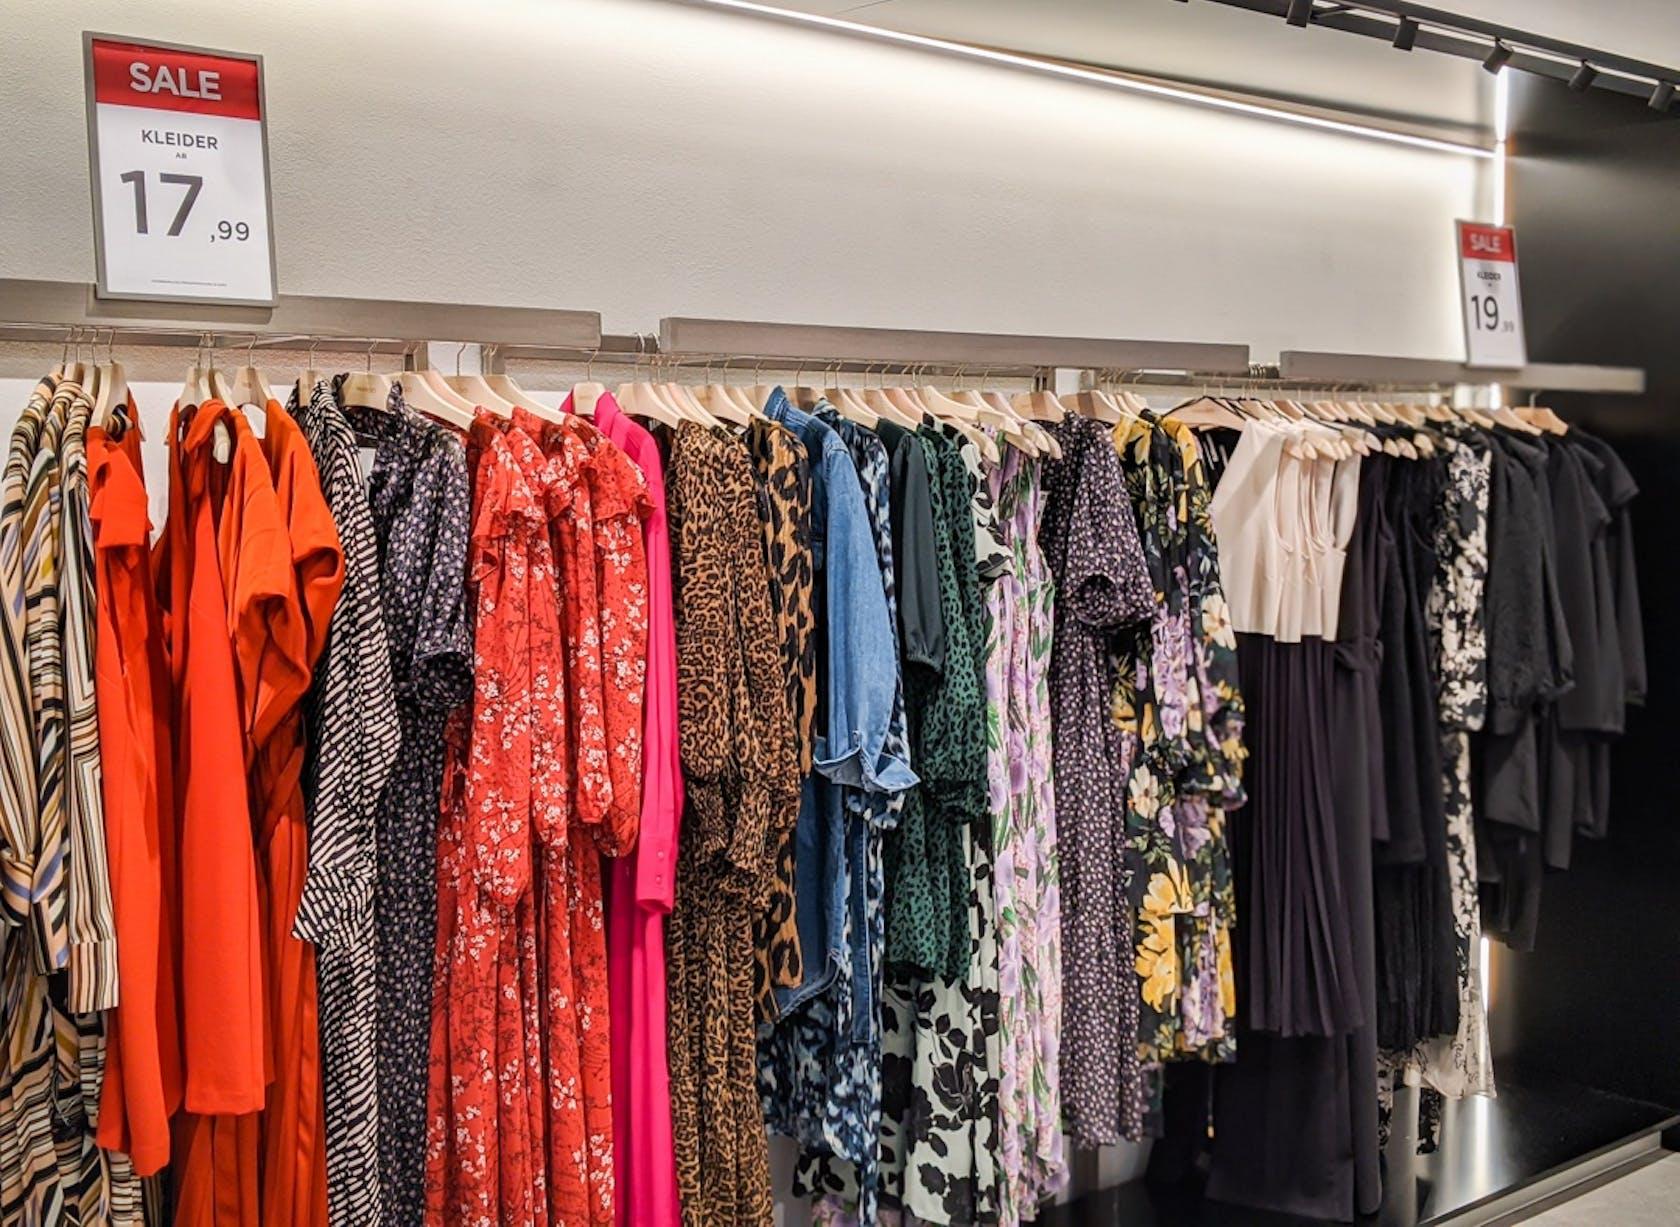 Kleider reduziert im Sale